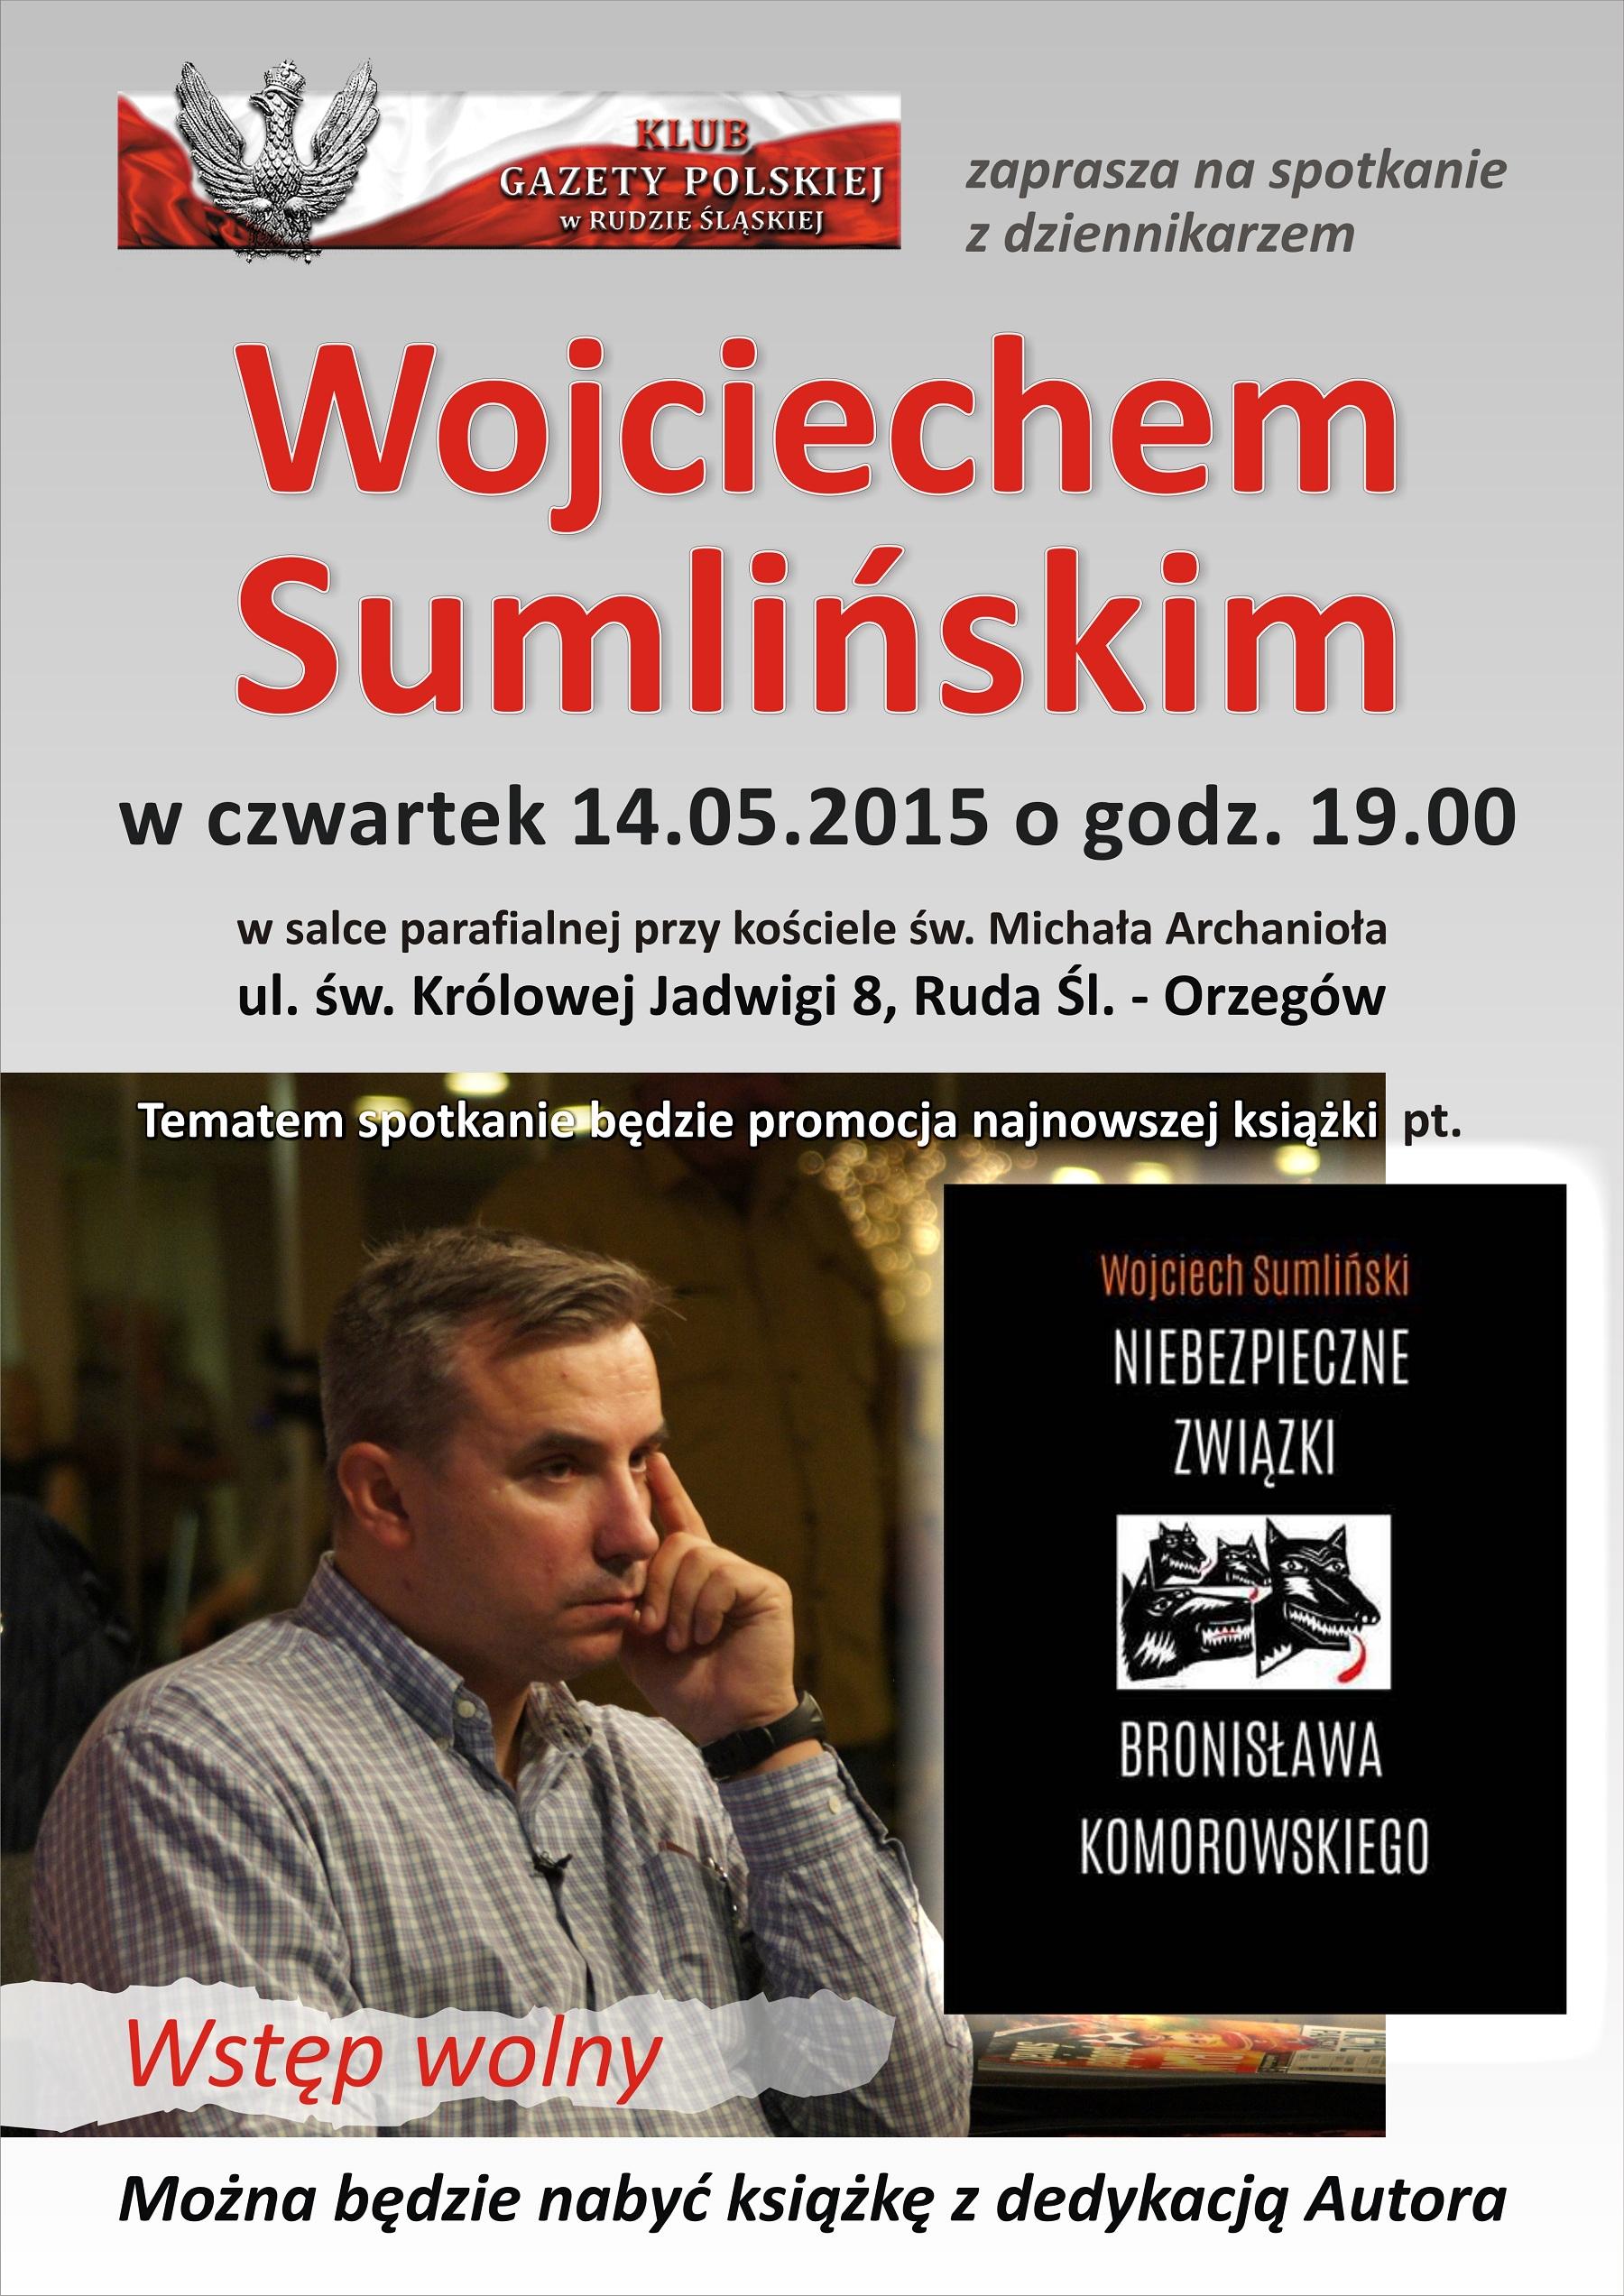 RudaSl Sumlinski2015